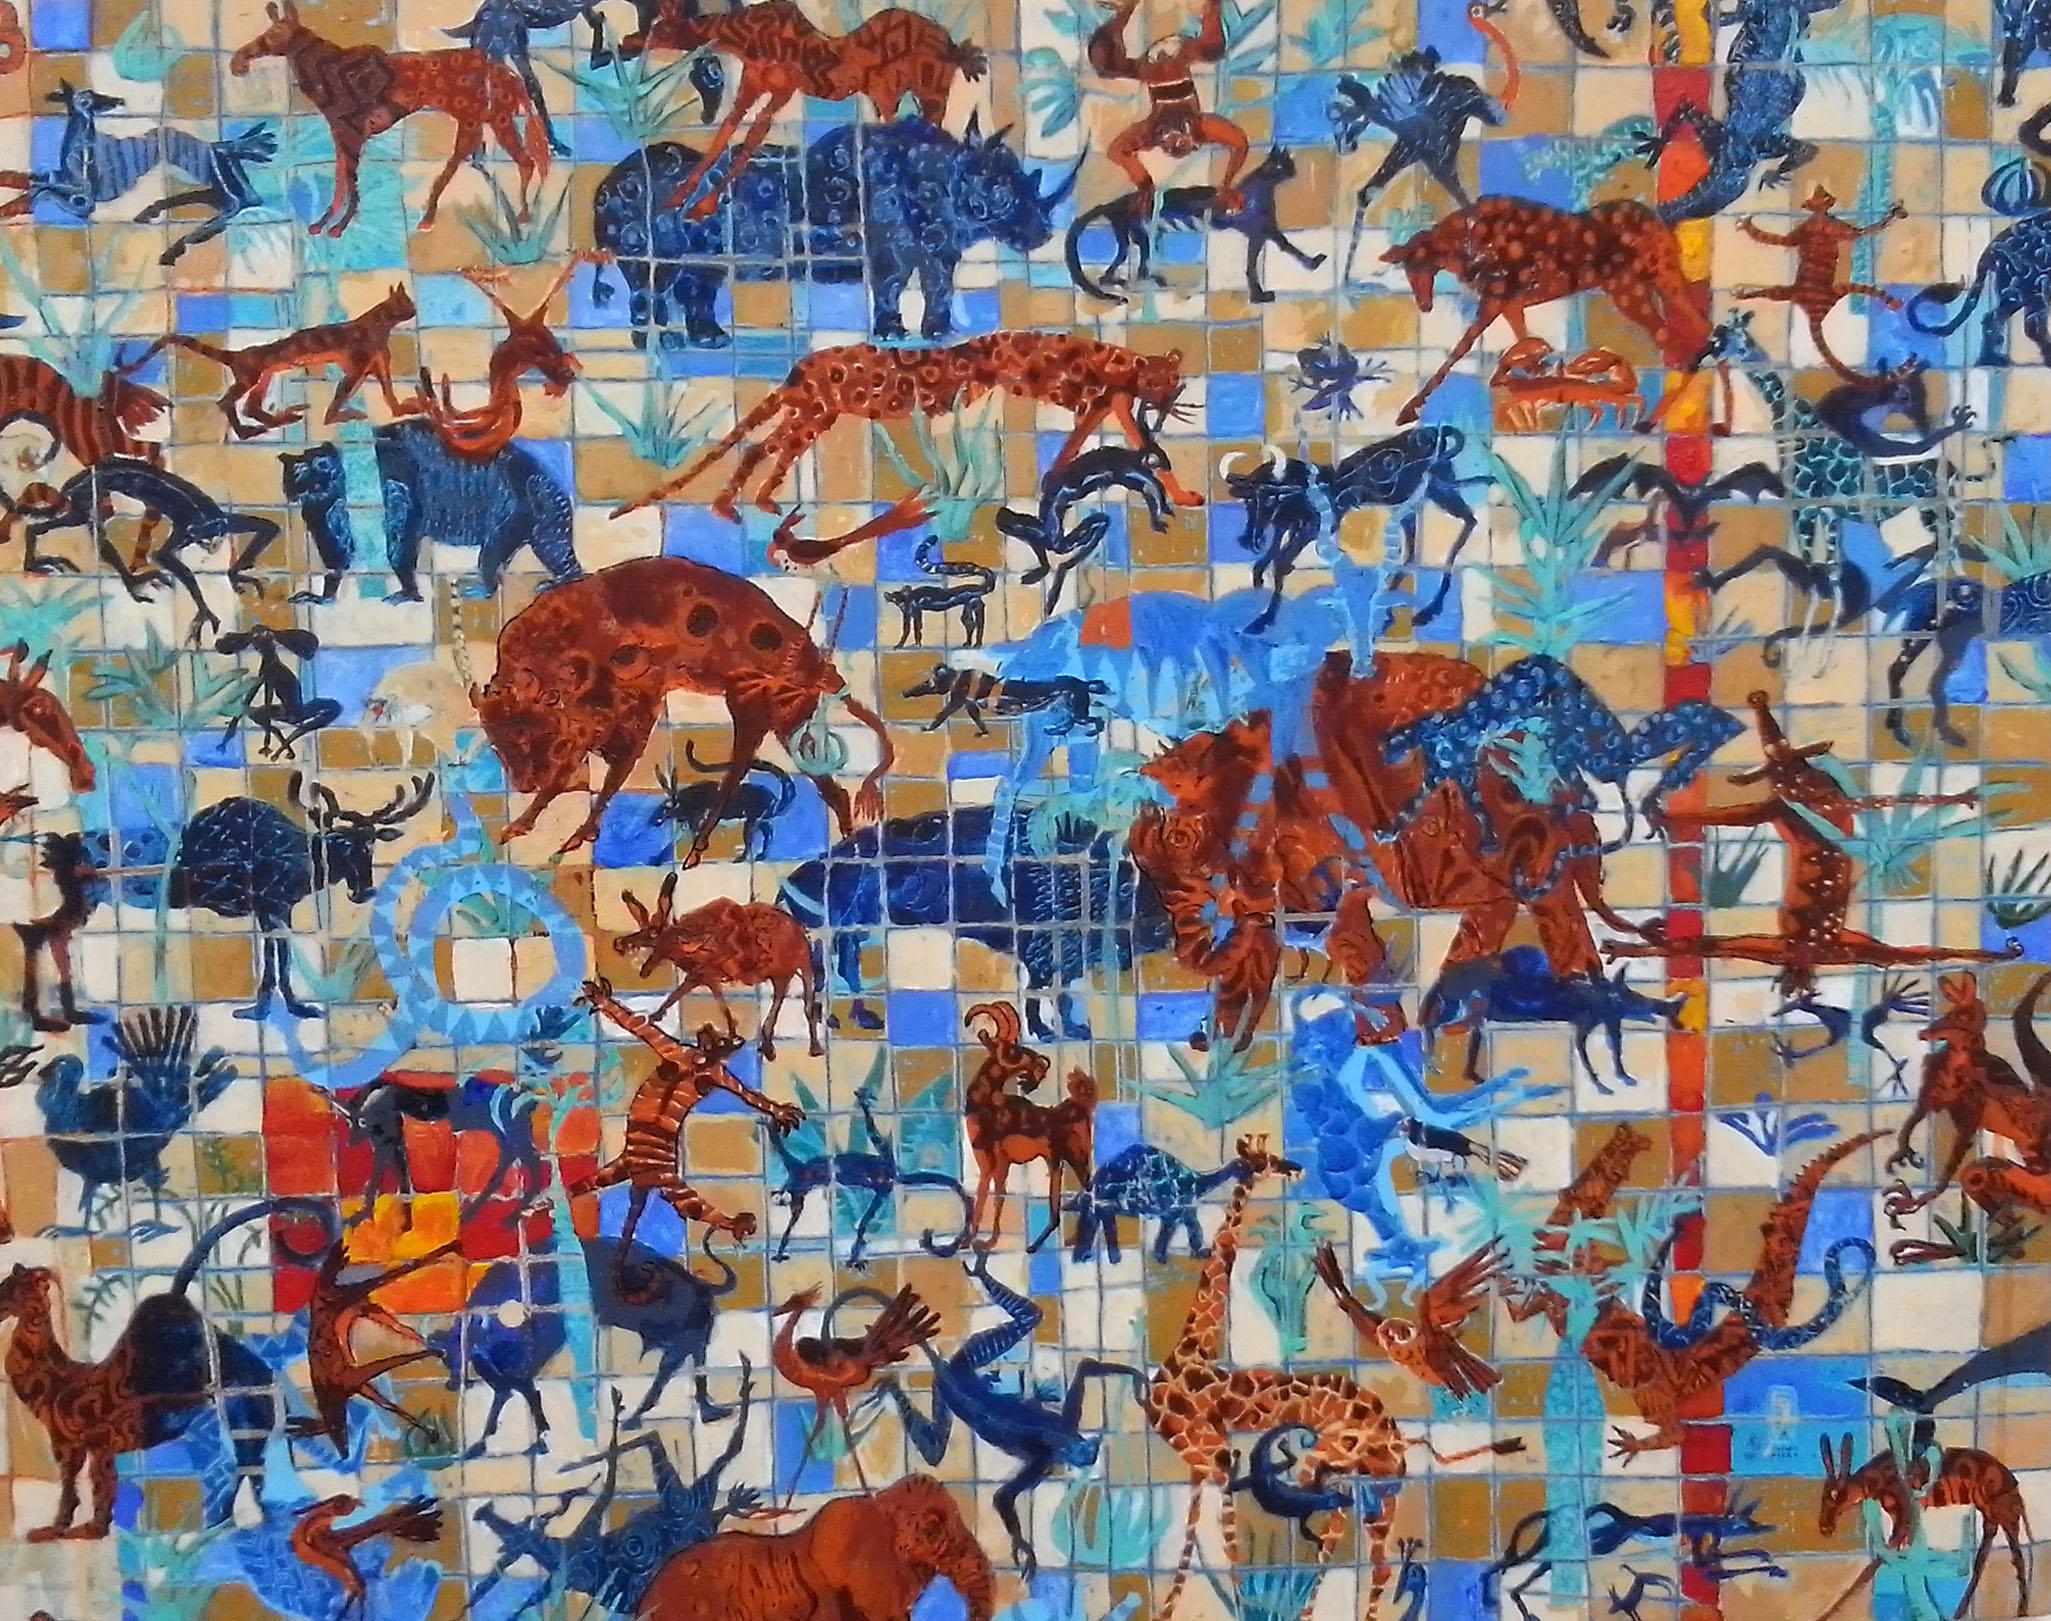 Zoología en Azul Mixta s/tela 80 x 100 cms